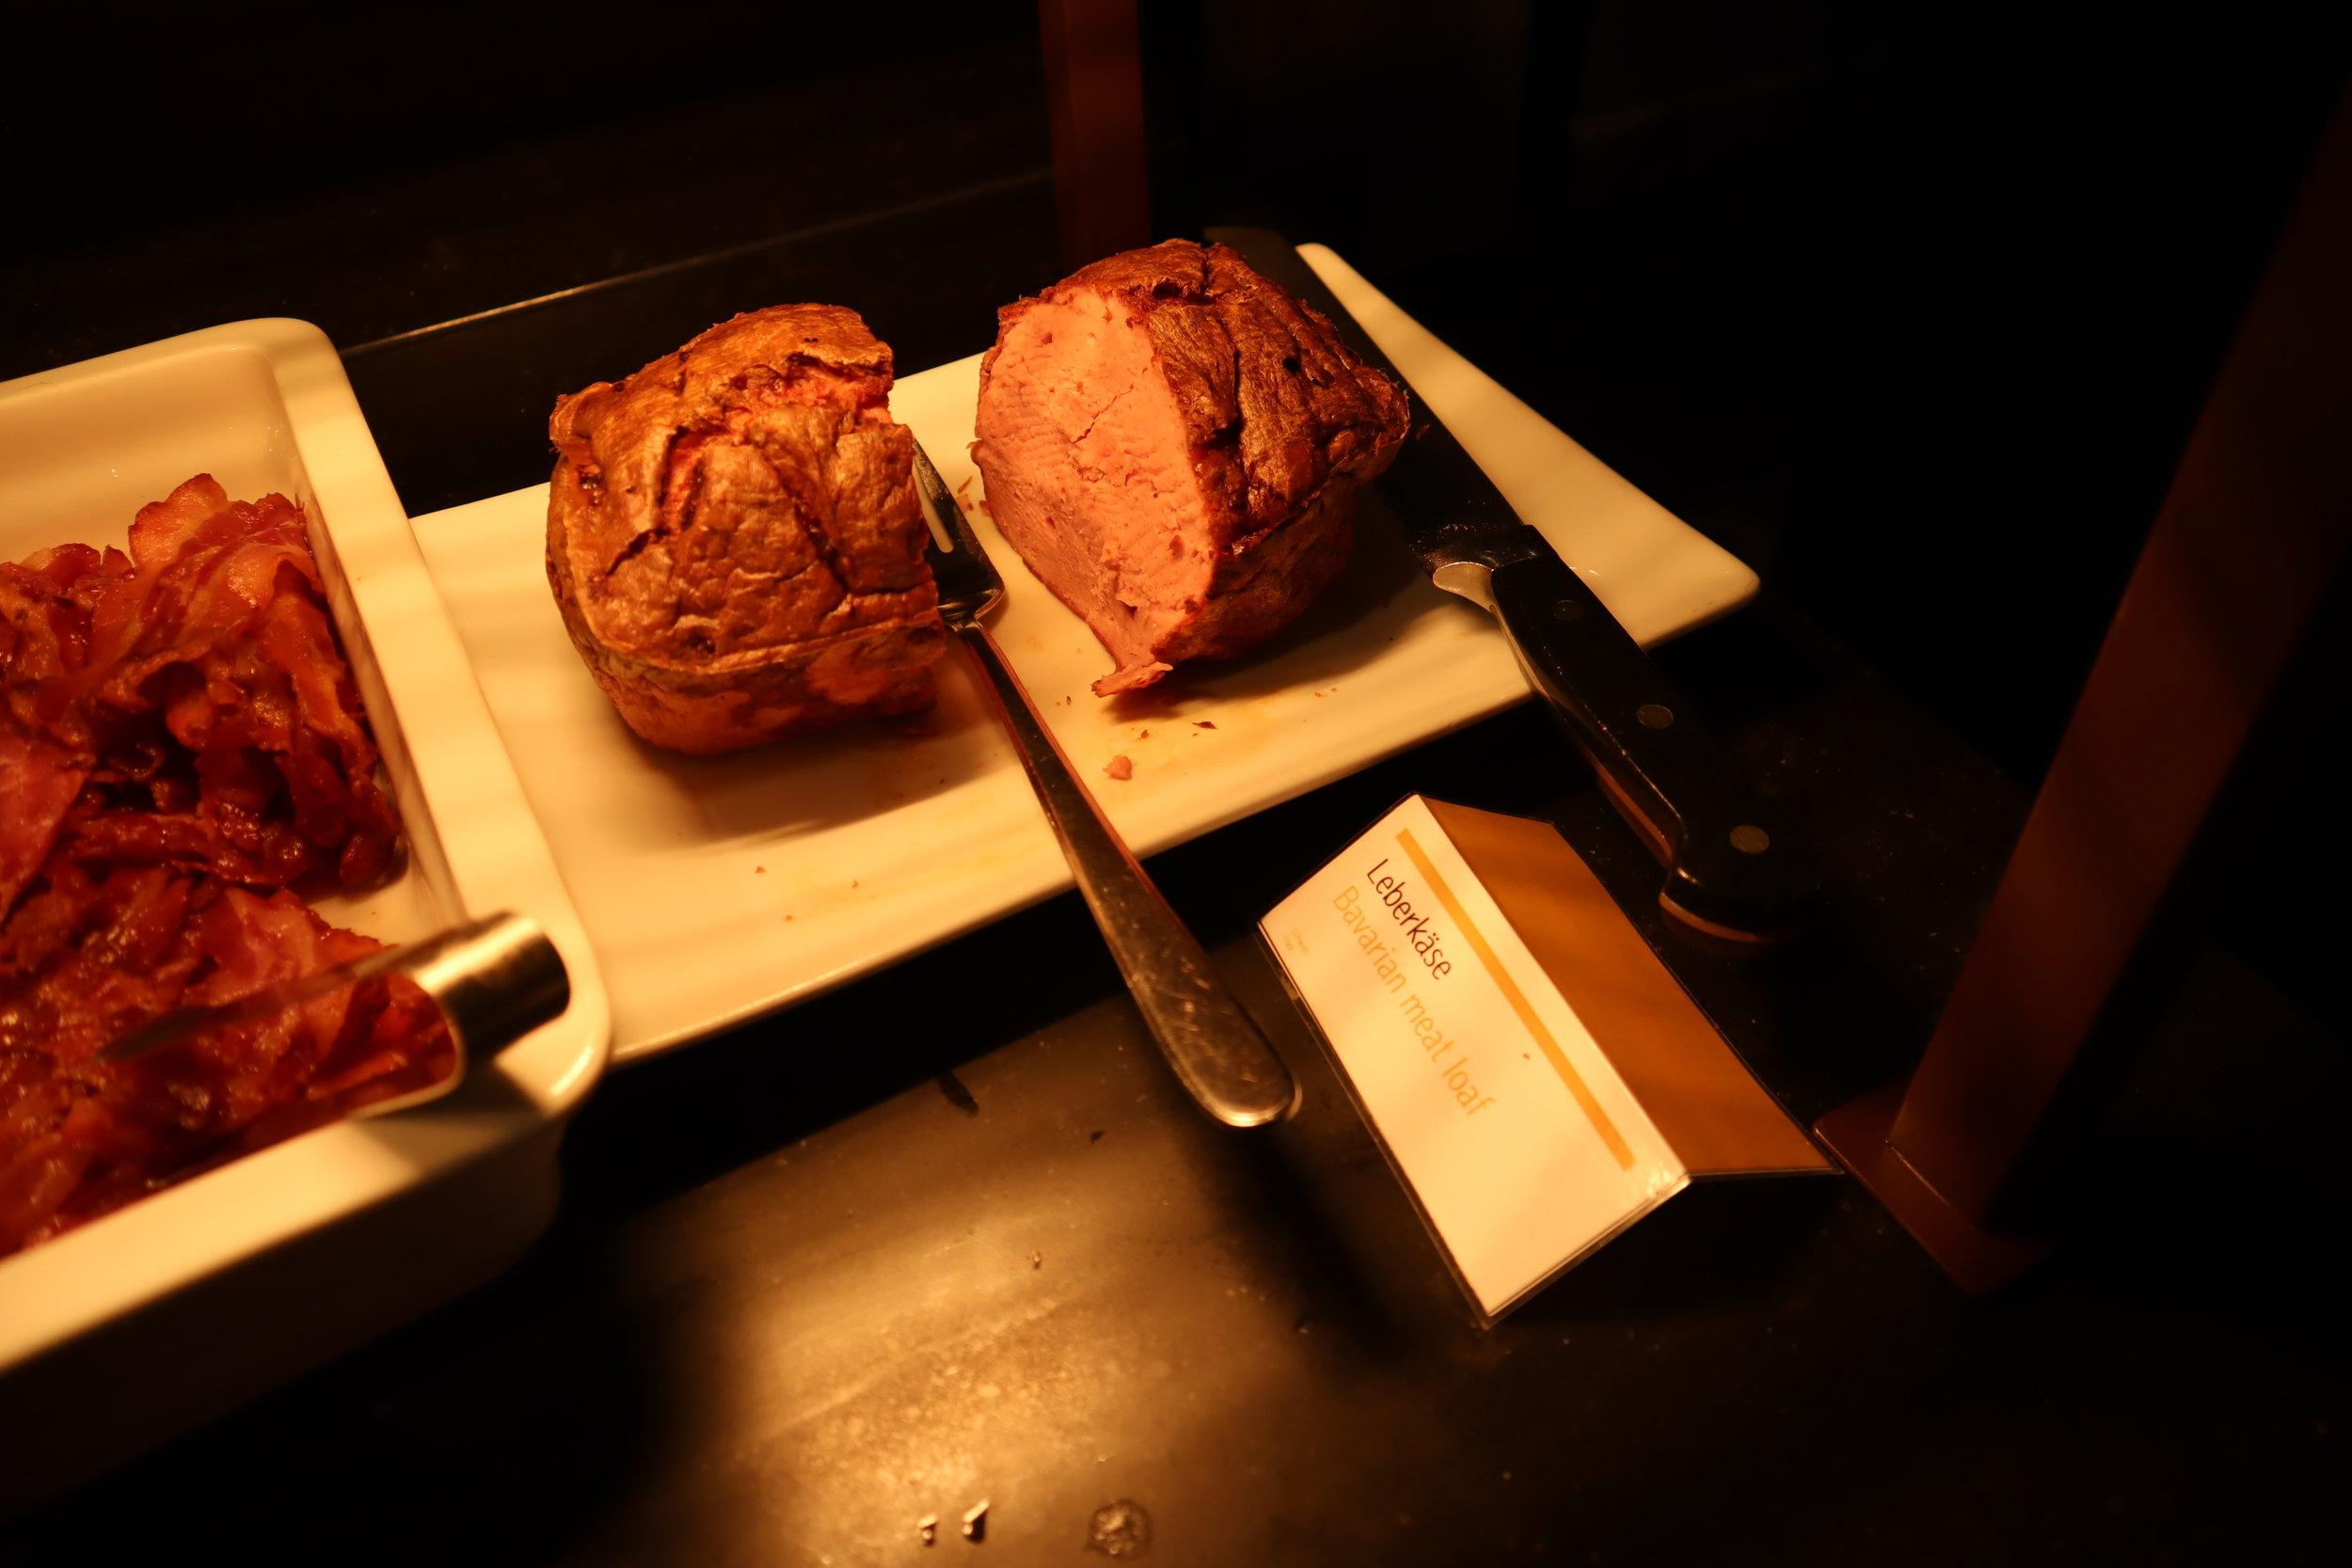 Le Méridien Munich – Bavarian meat loaf